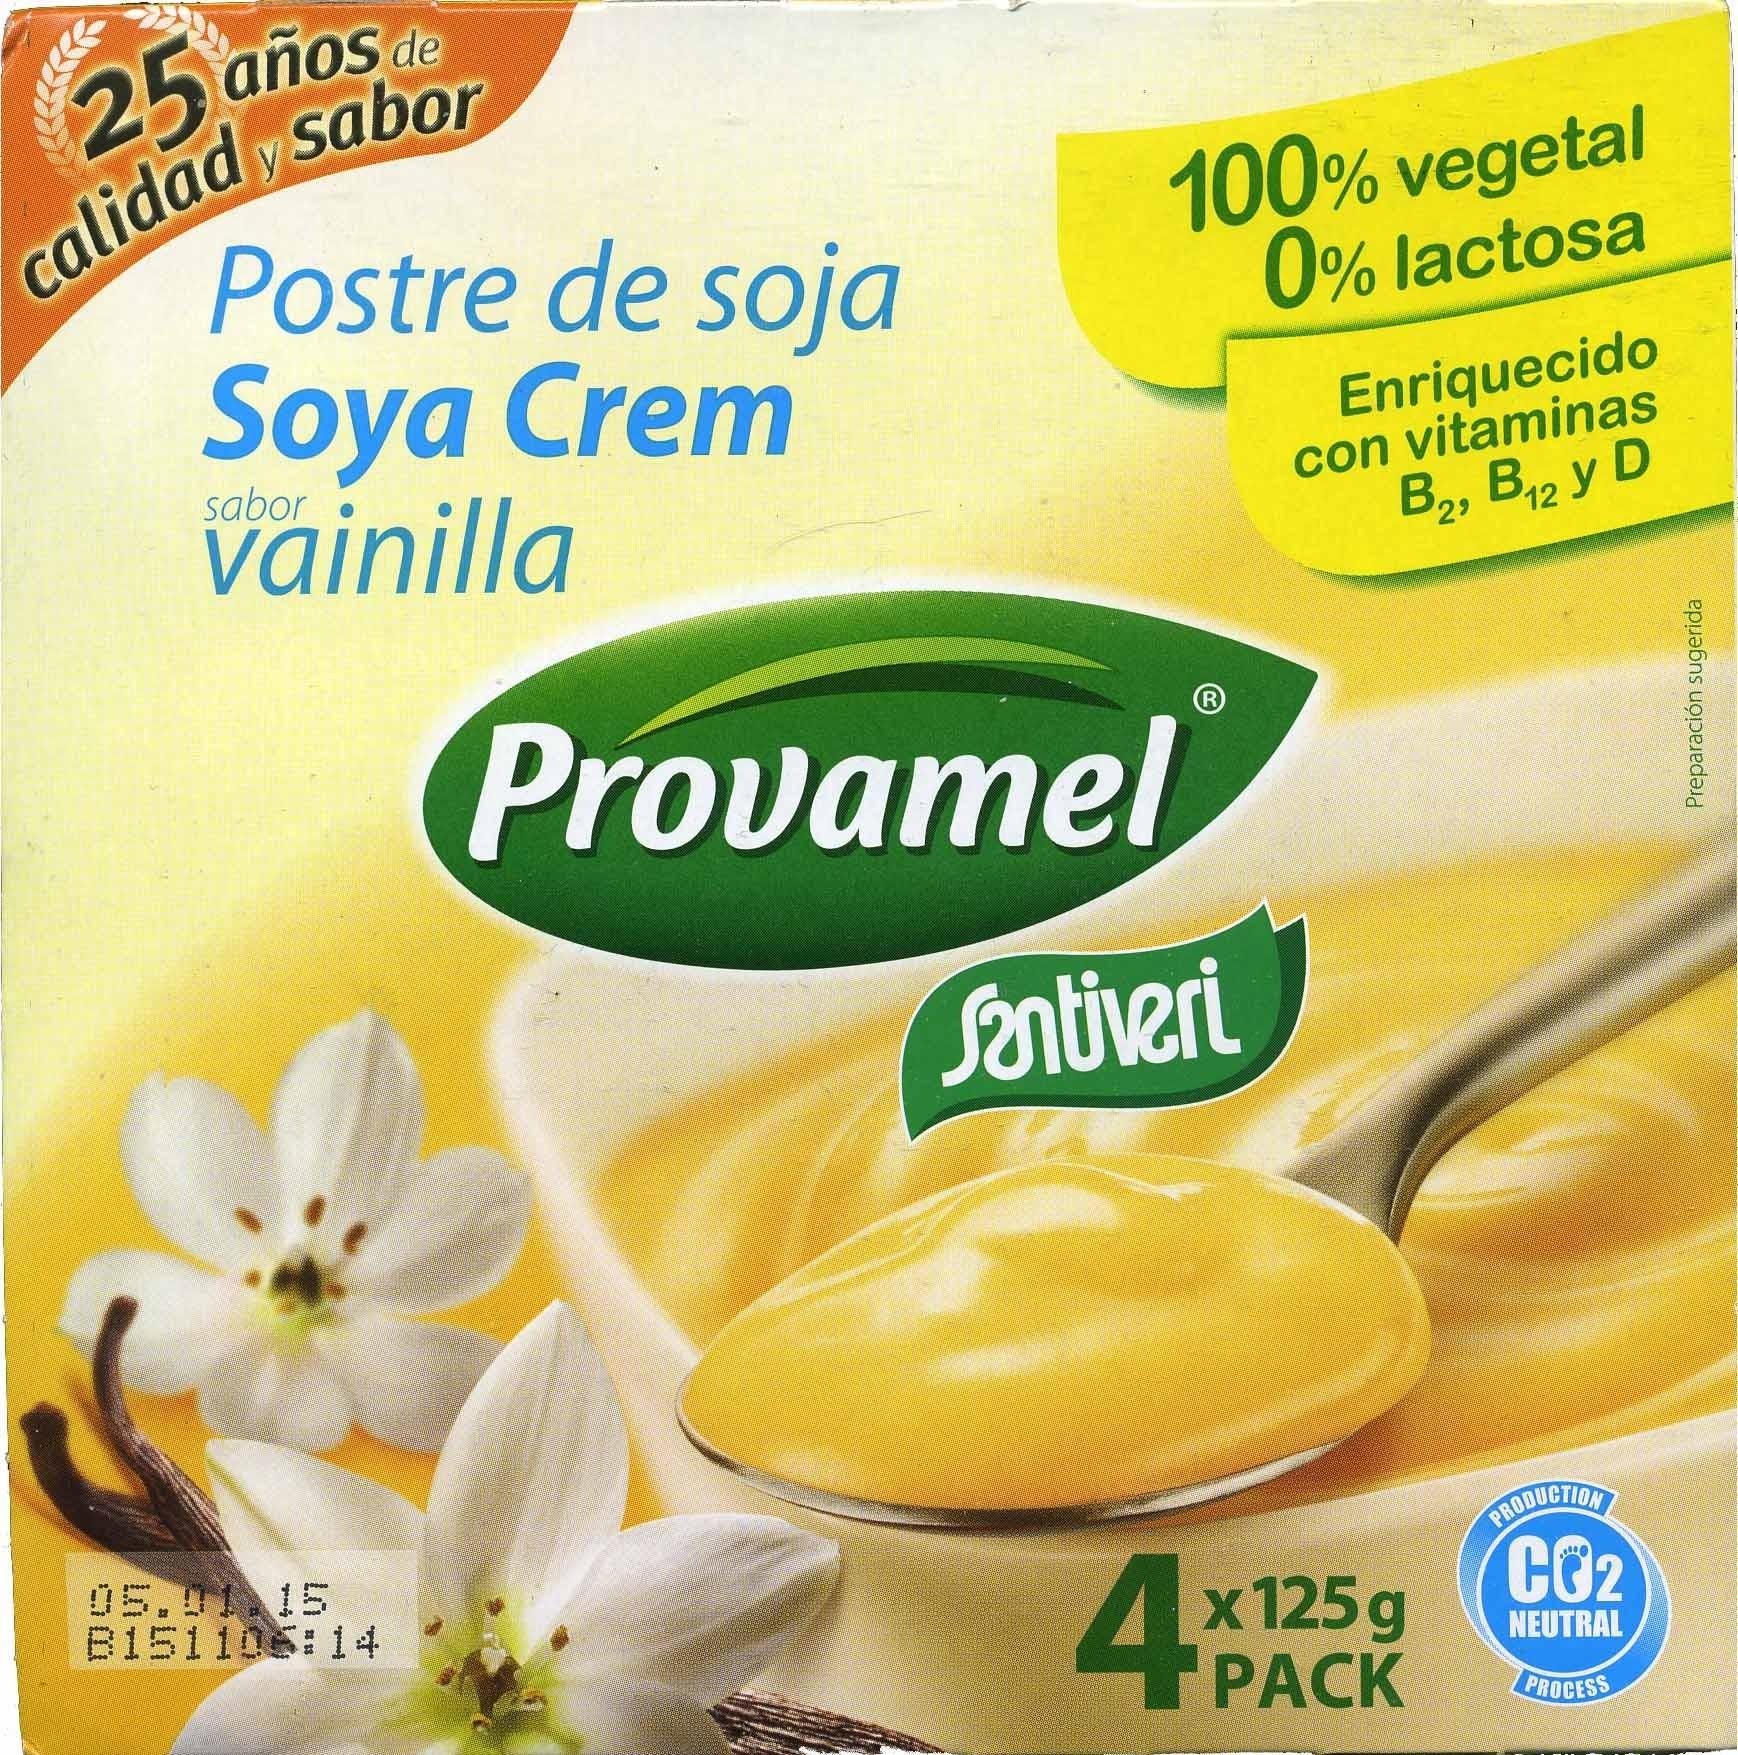 Postre de soja vainilla - Producto - es